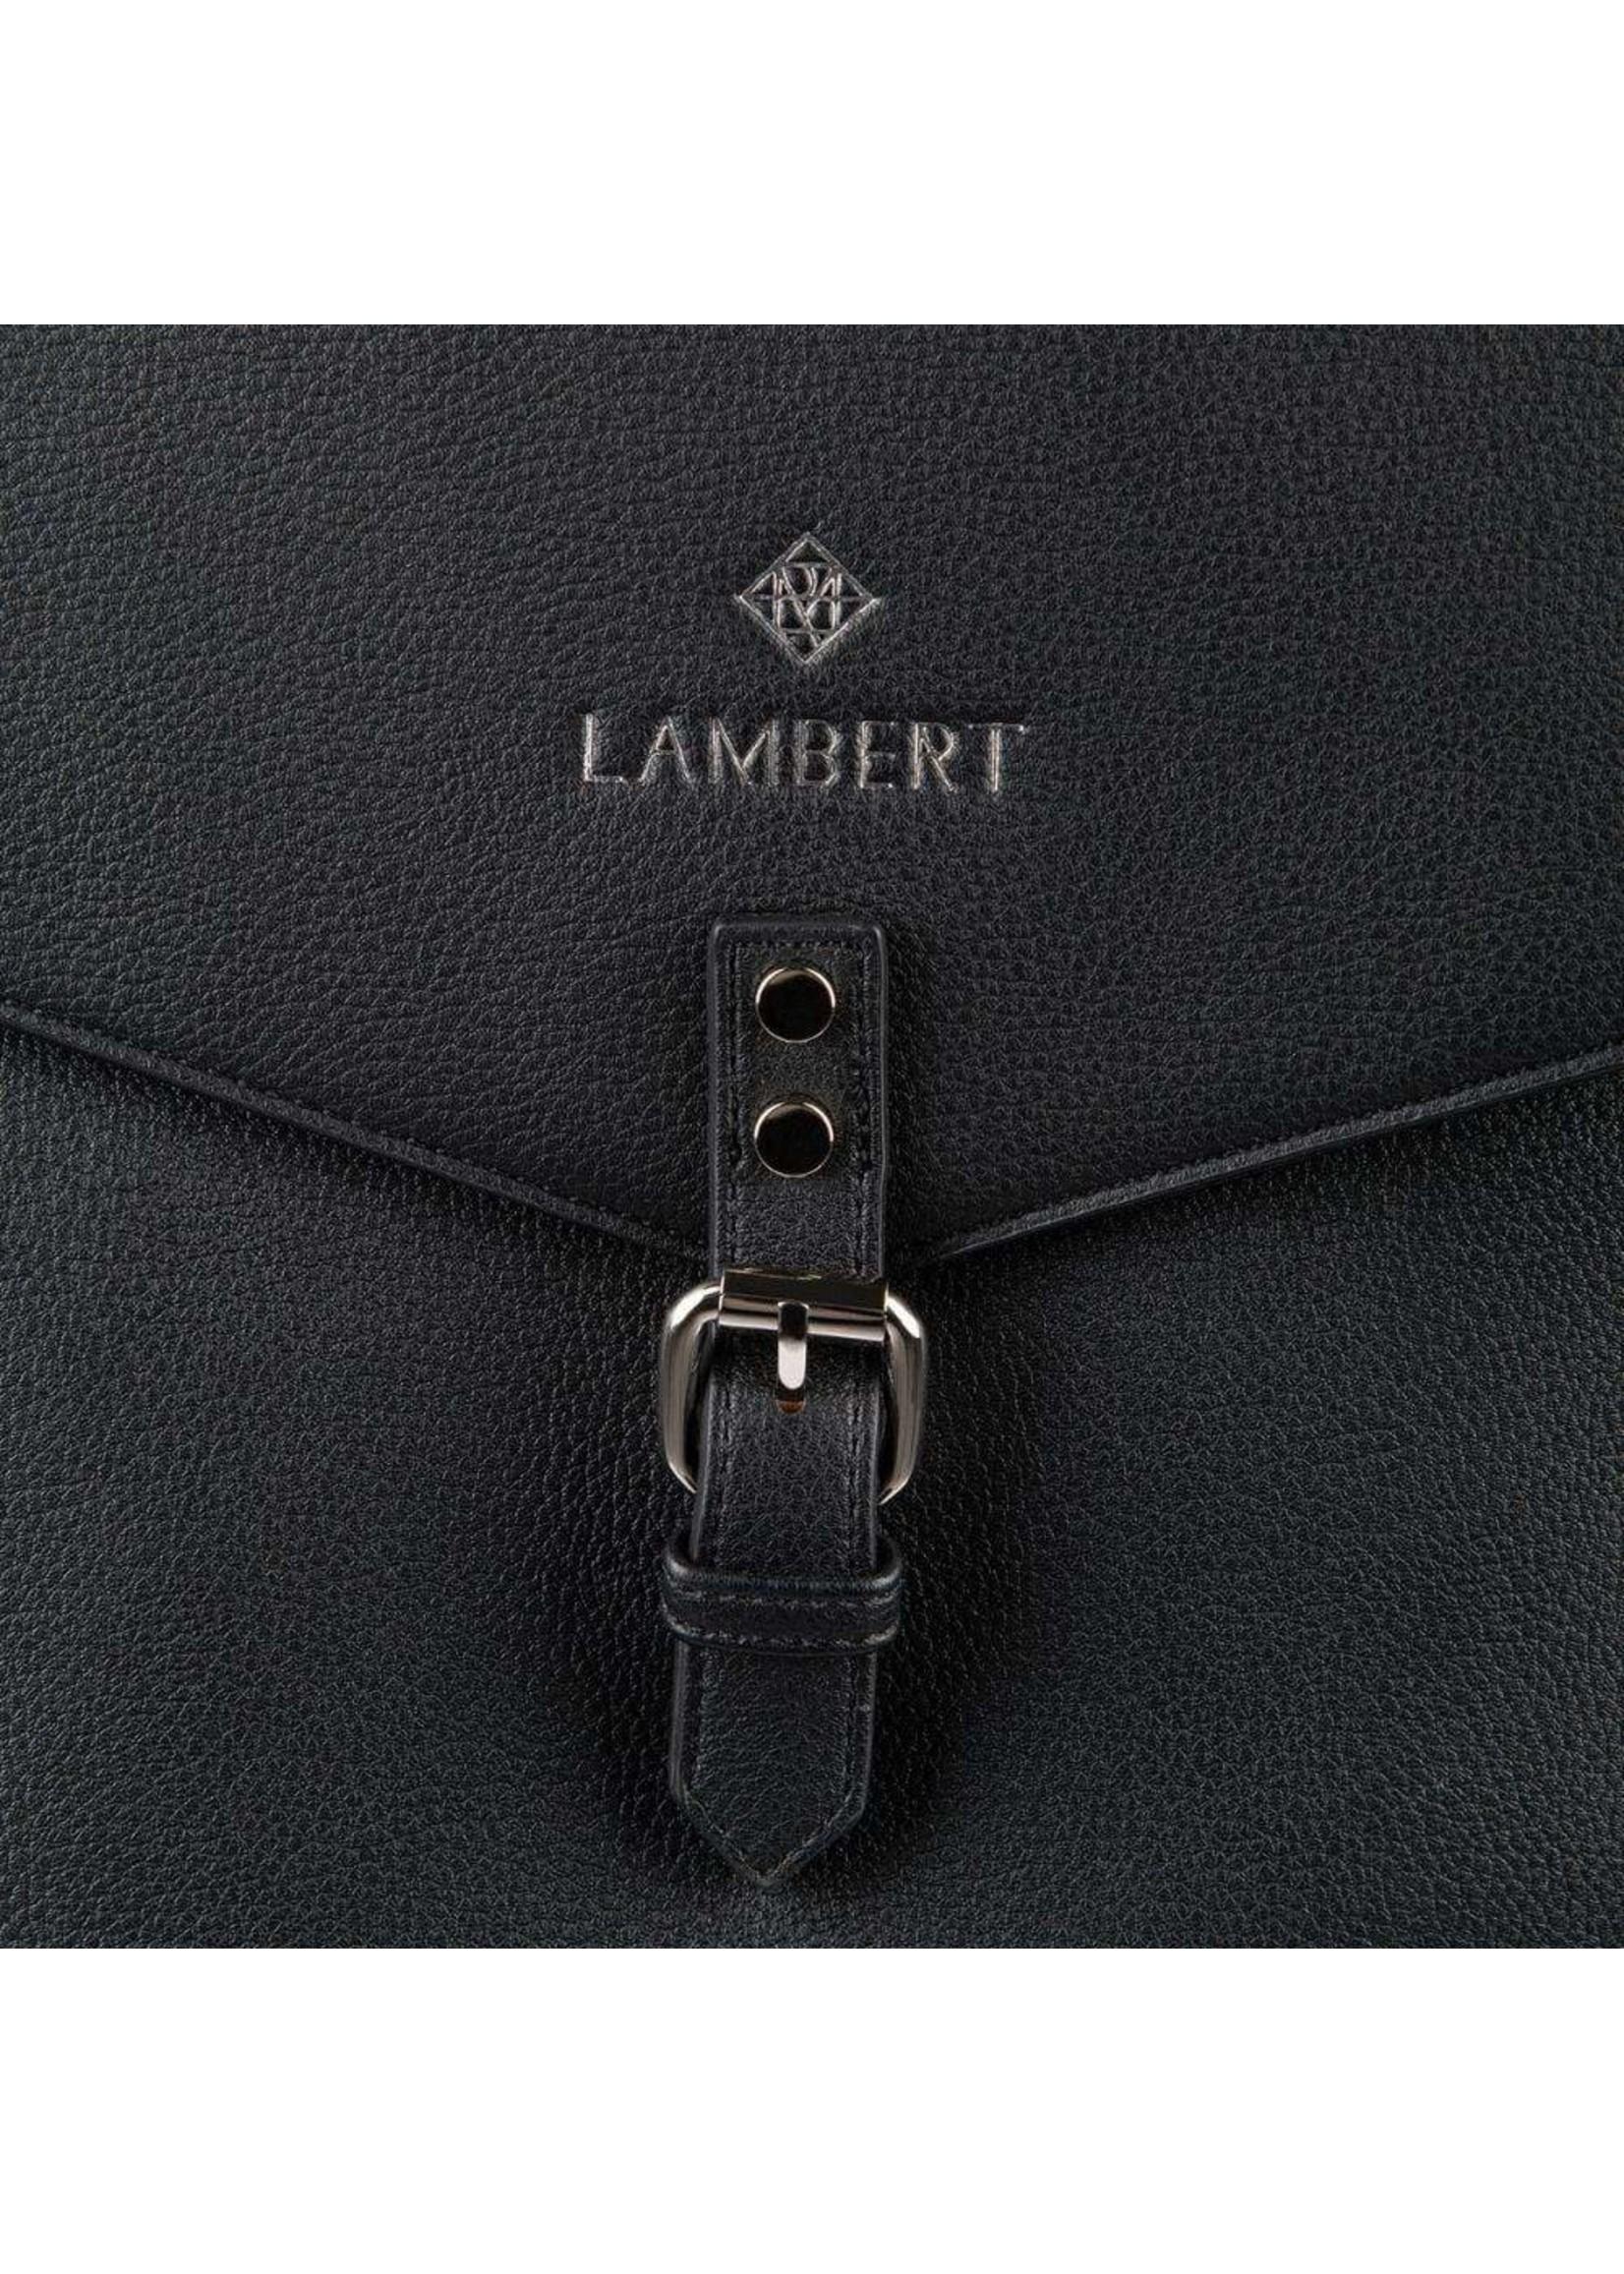 Lambert Sac Jade